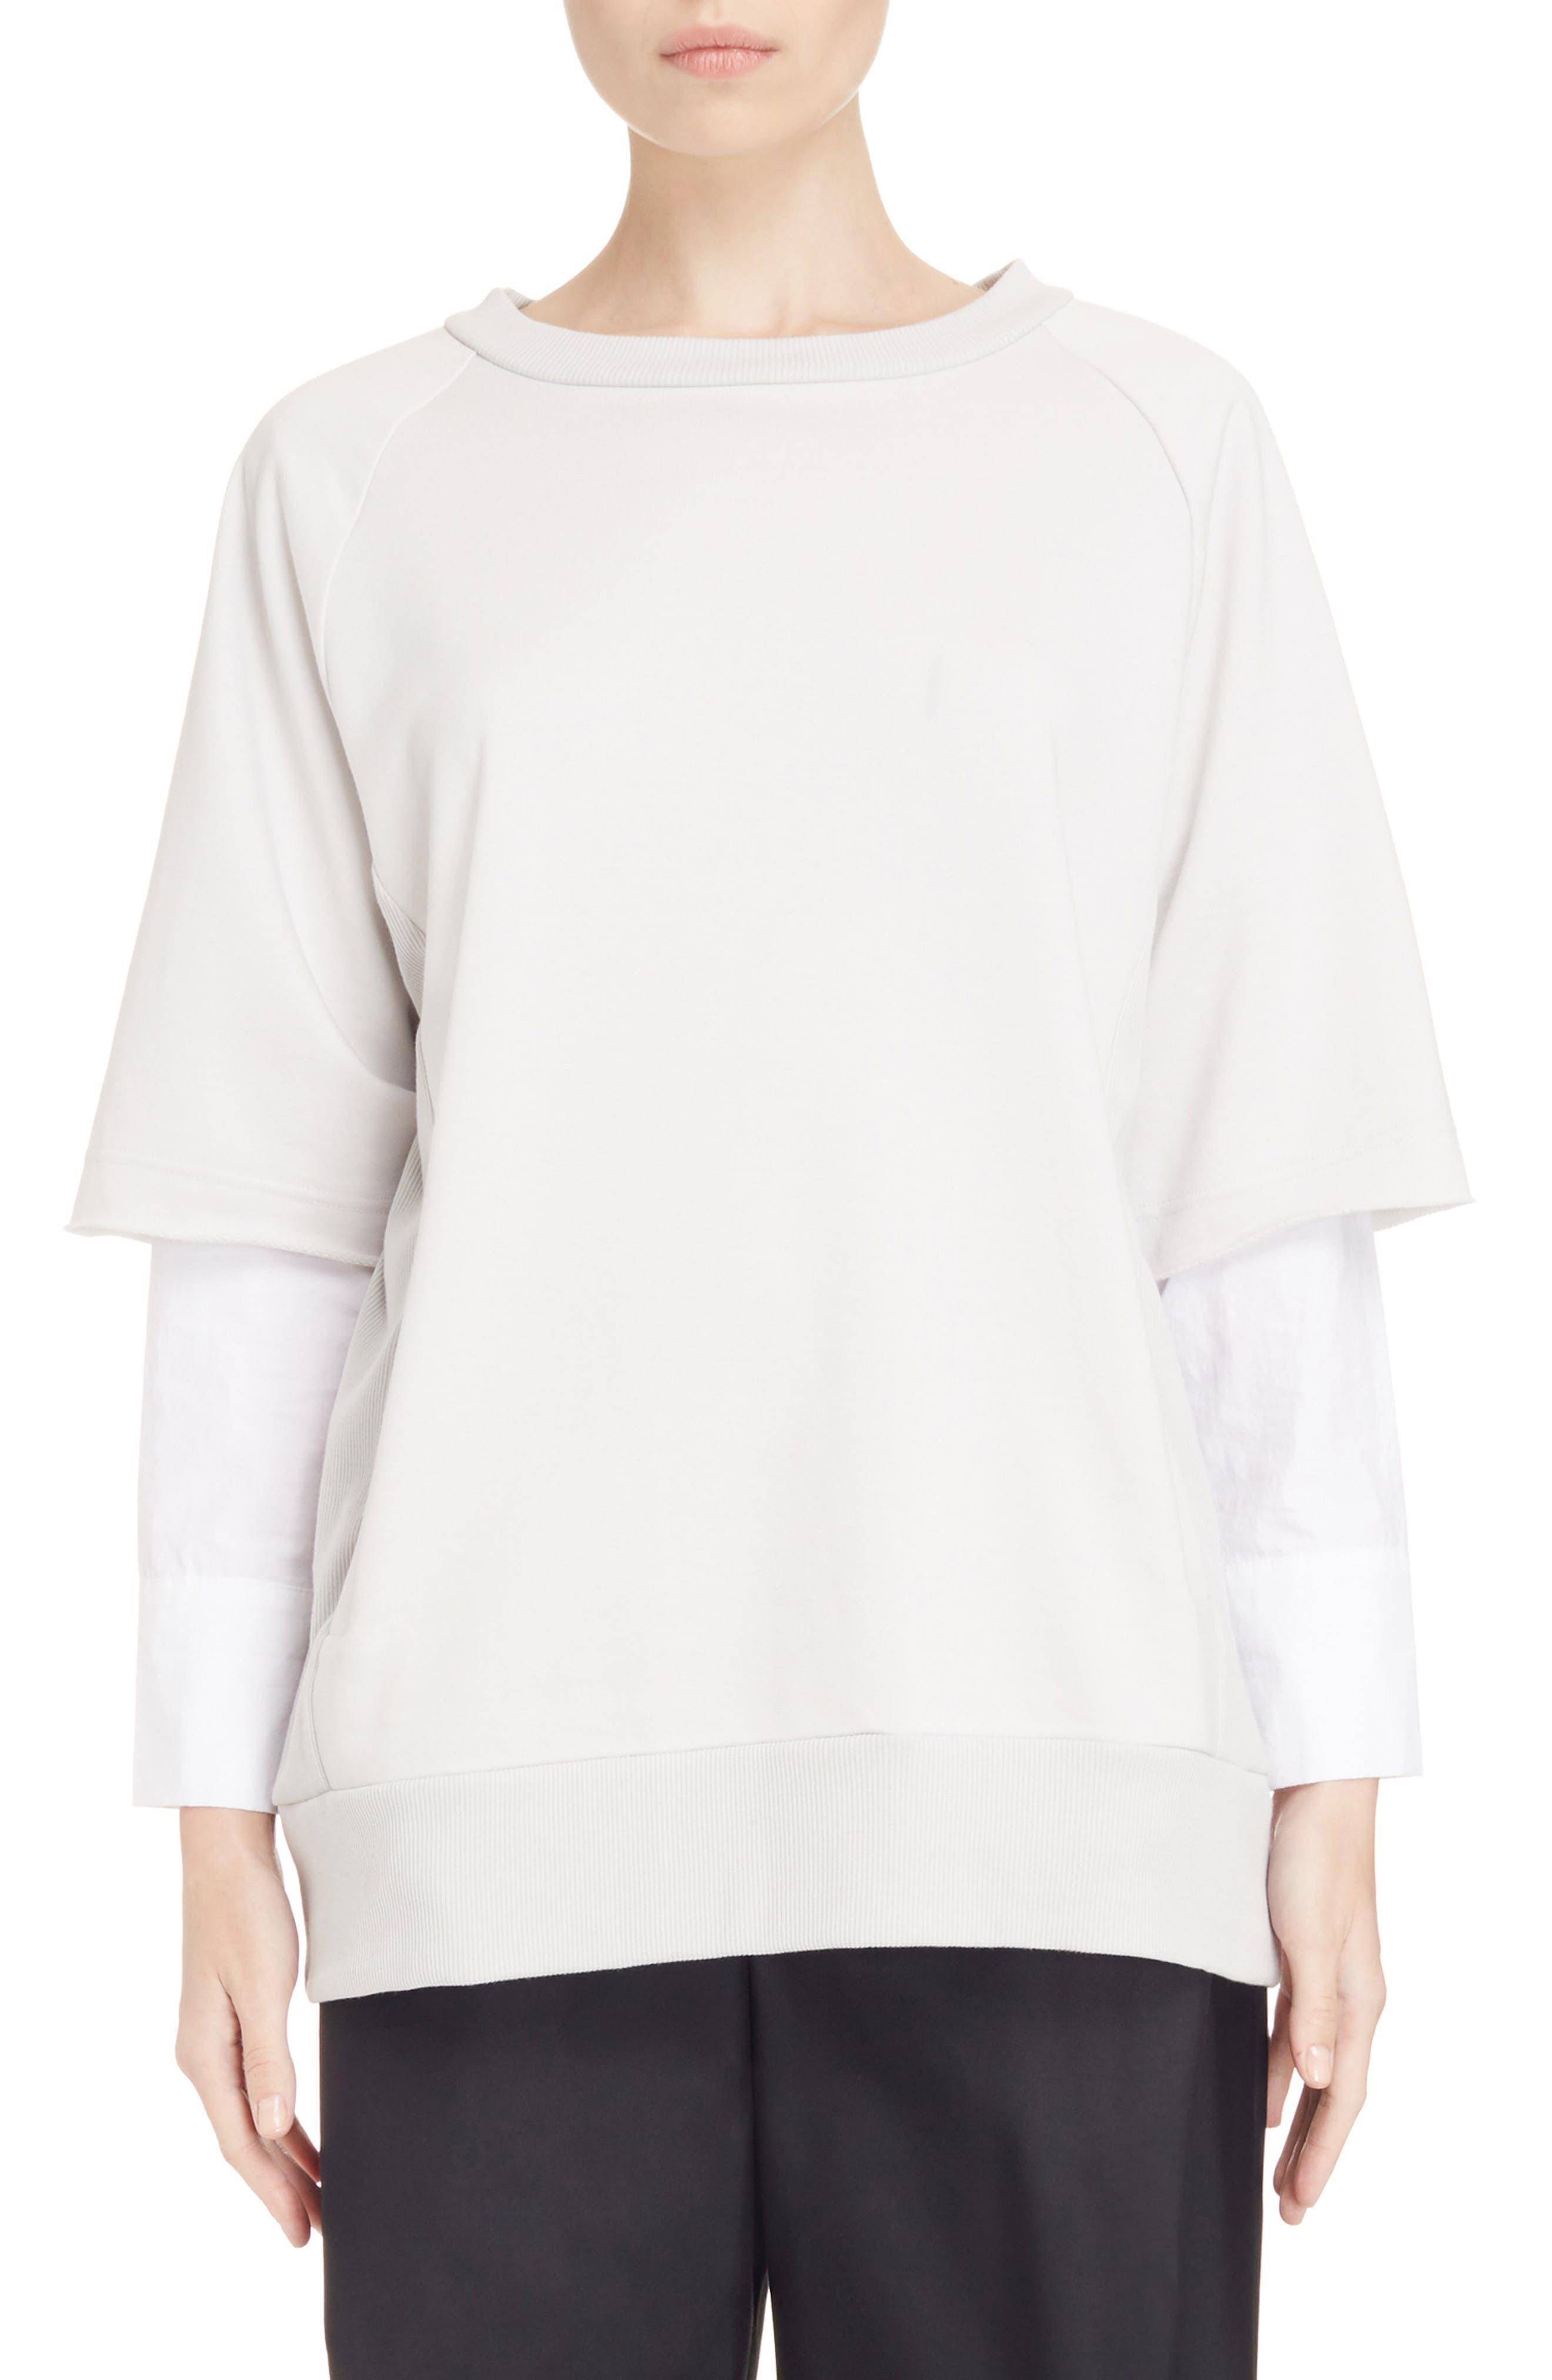 Main Image - Y's by Yohji Yamamoto Double Sleeve Sweatshirt